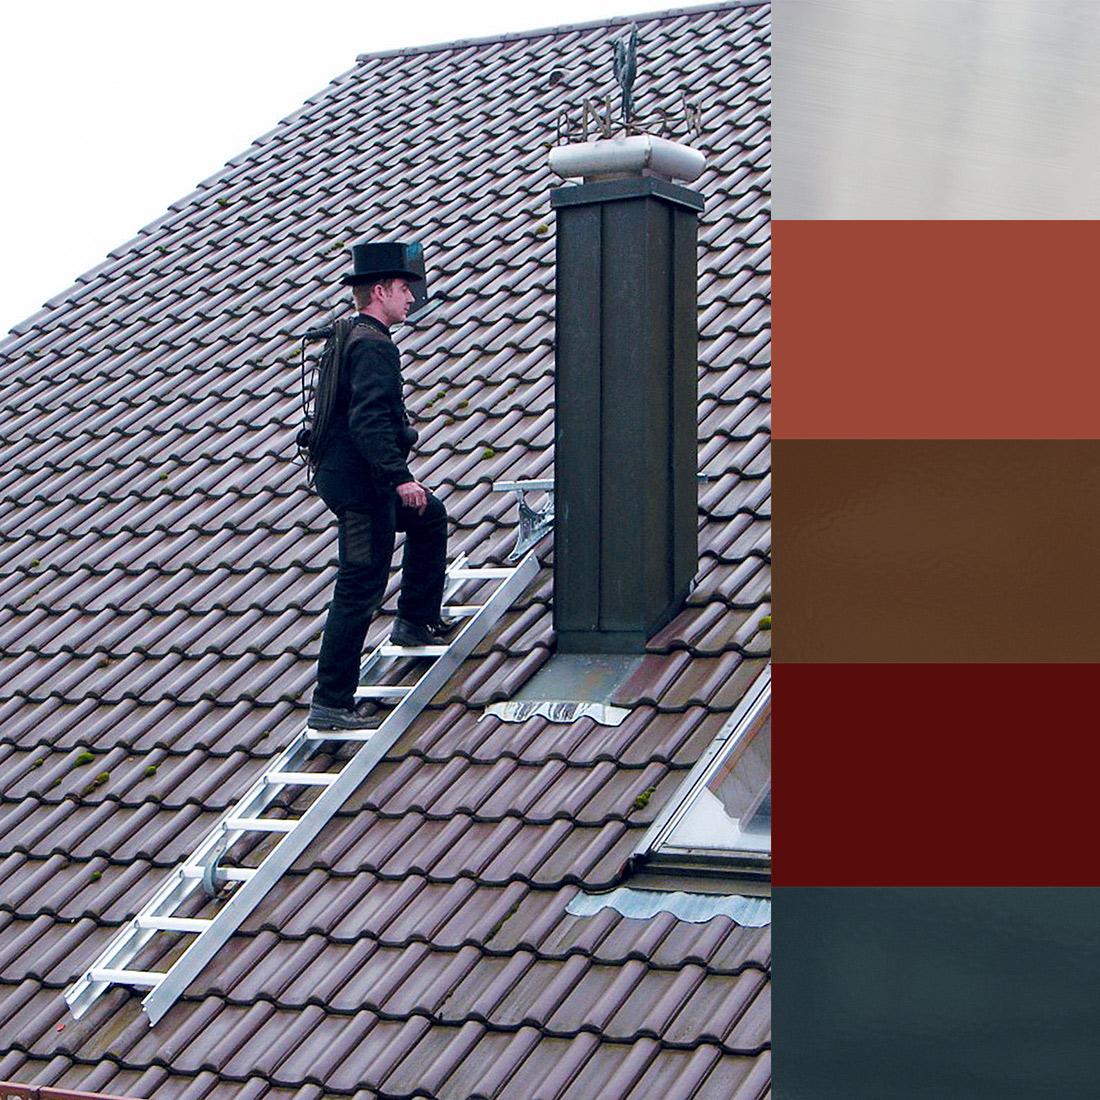 Dachleiter Fur Sicheres Arbeiten Auf Dem Dach